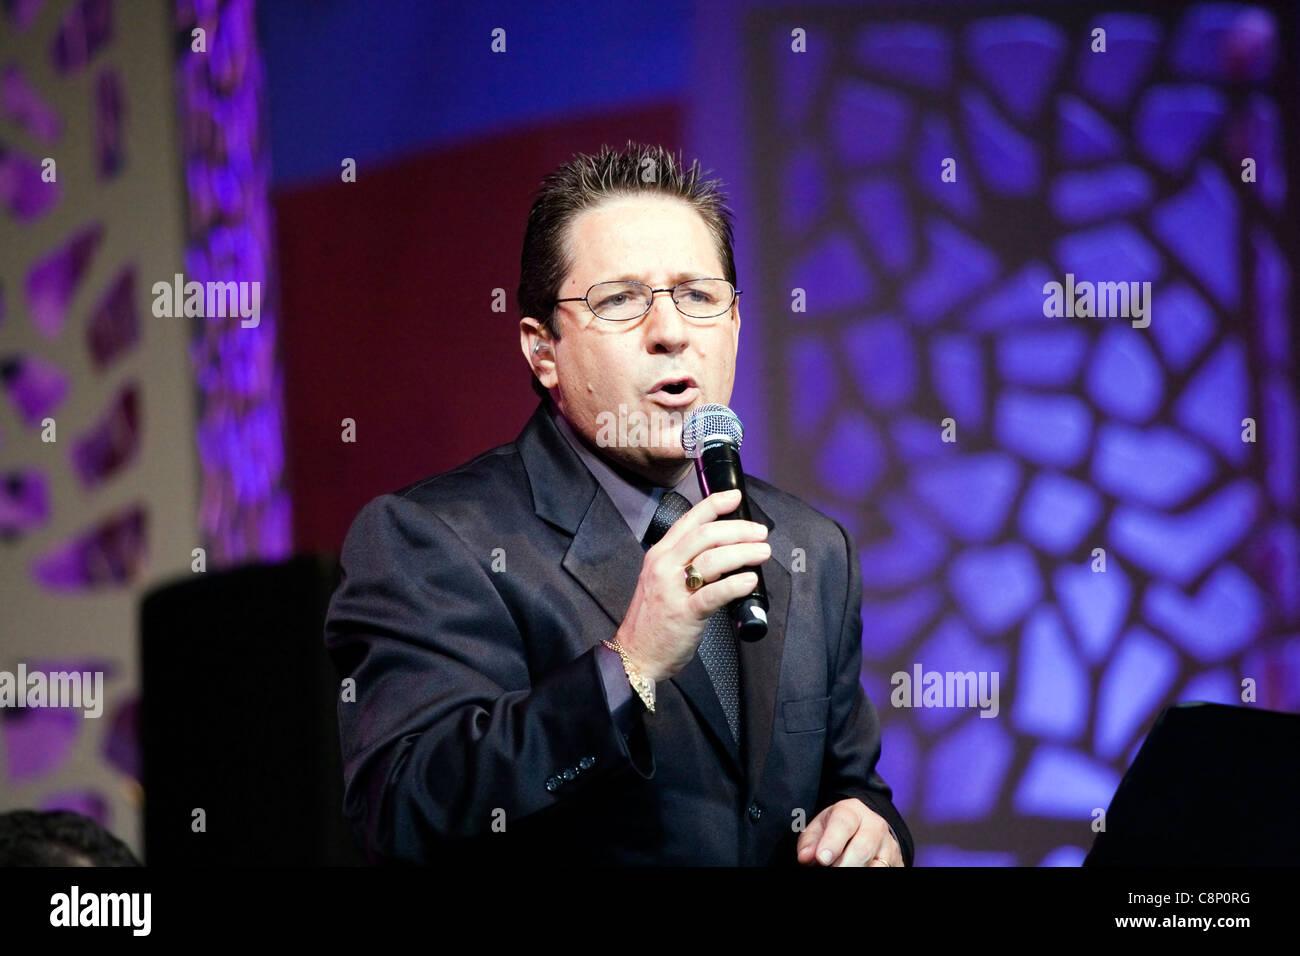 Joey Hernandez sings for the 'Fiesta en Ballaja'. - Stock Image